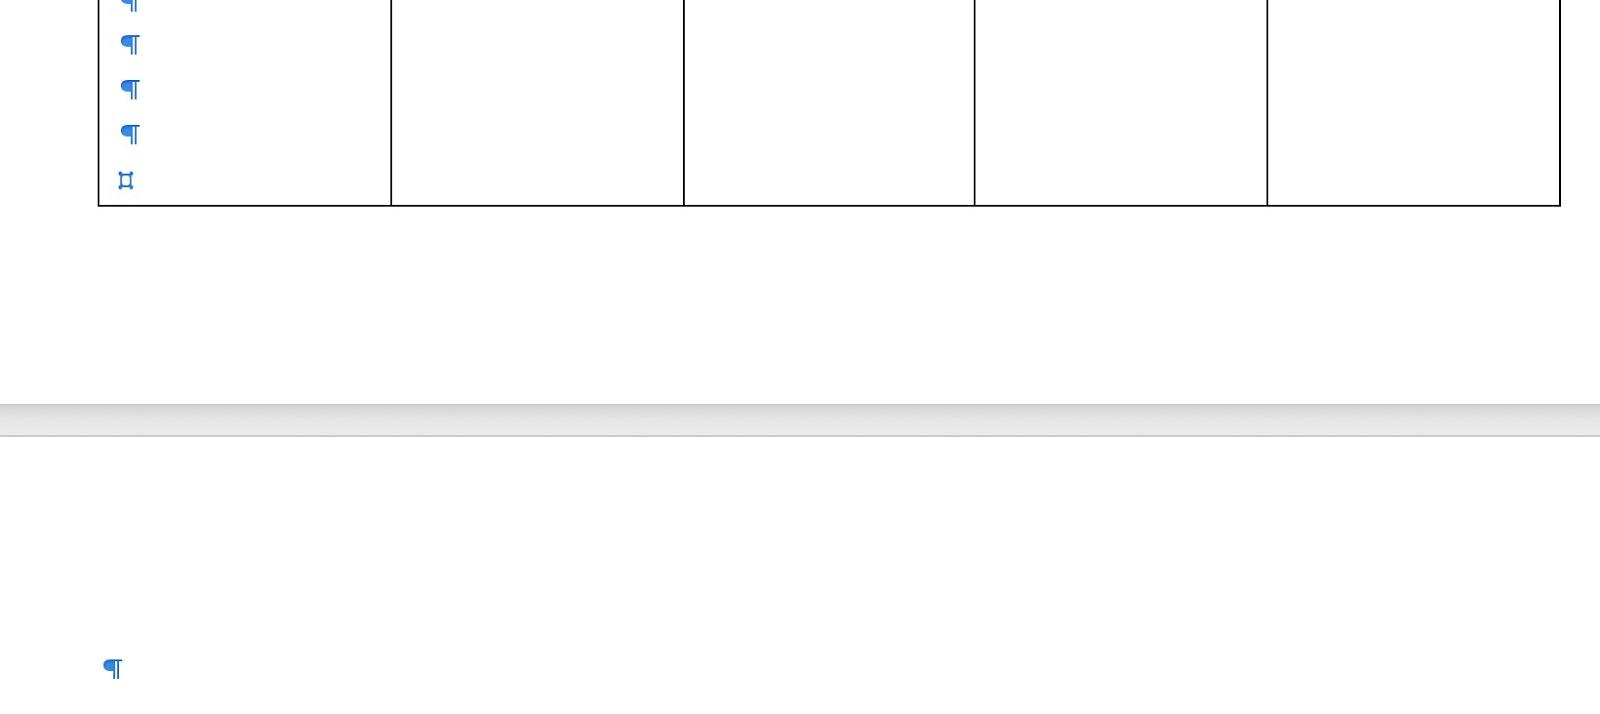 Come Eliminare Pagina Word - paragrafo fine tabella